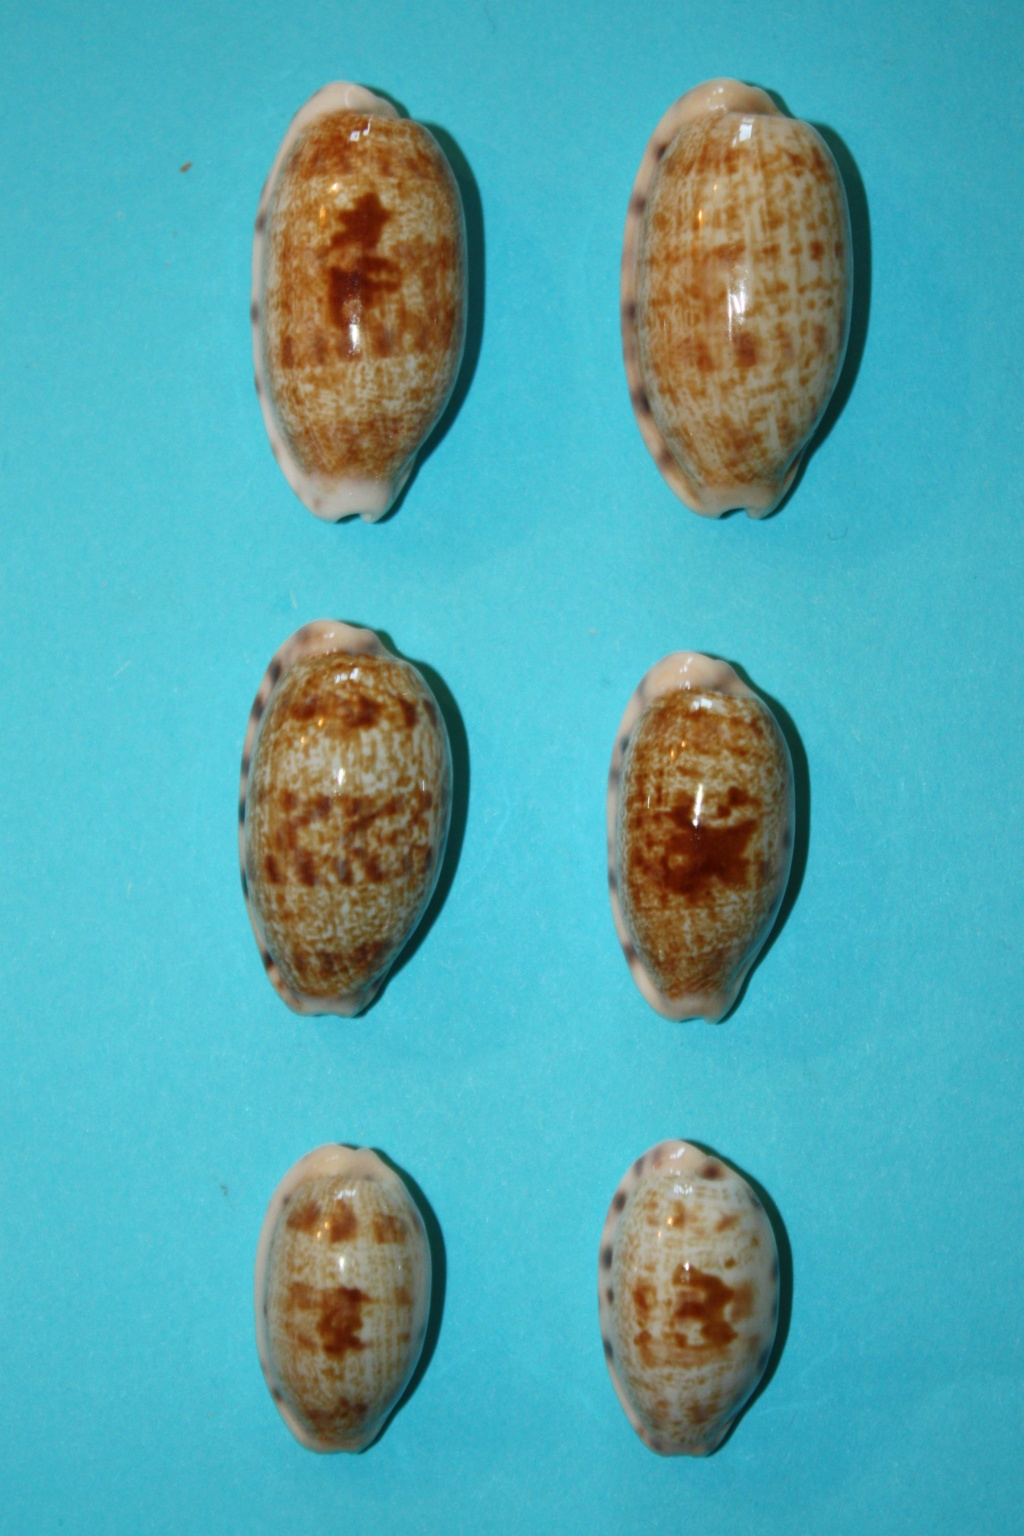 Talostolida pellucens pellucens - (Melvill, 1888) & Talostolida teres teres (Gmelin, 1791) Img_0328